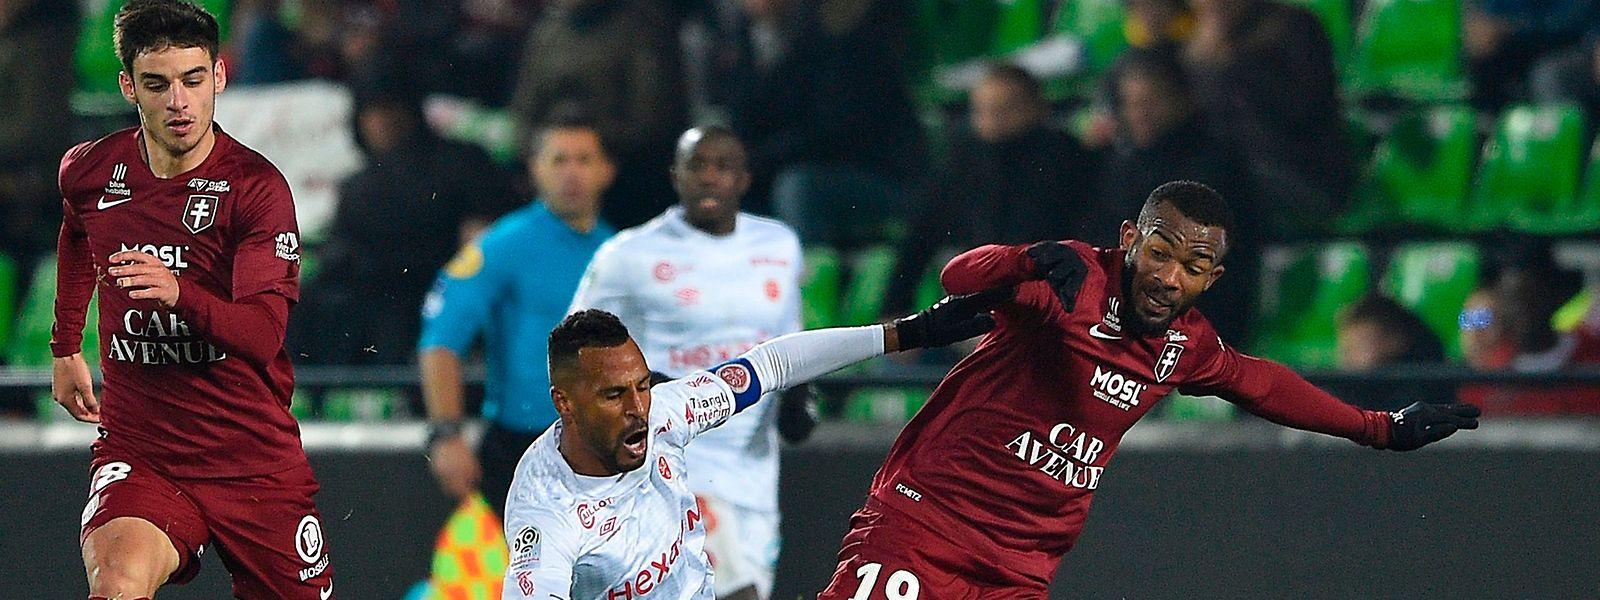 Habib Maïga (à dr.) et Metz se déplacent à Nîmes après avoir signé le nul 1-1 face à Reims.